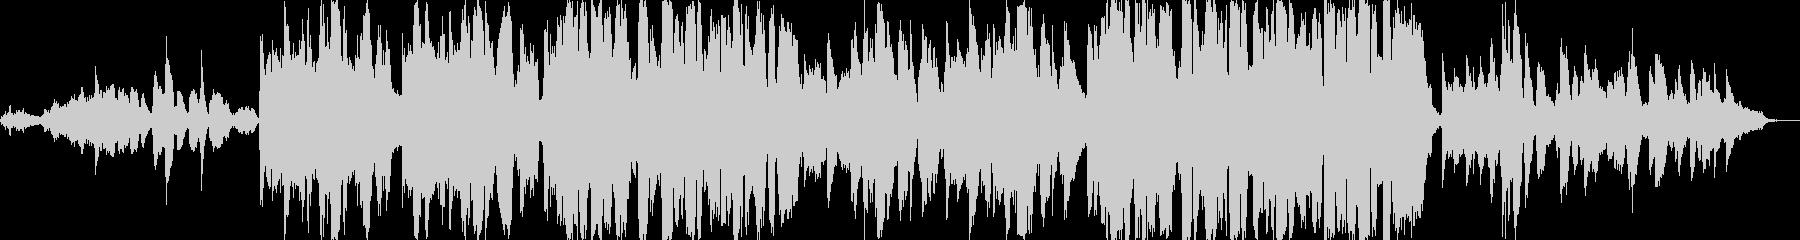 スキャットによるゴスペルの未再生の波形